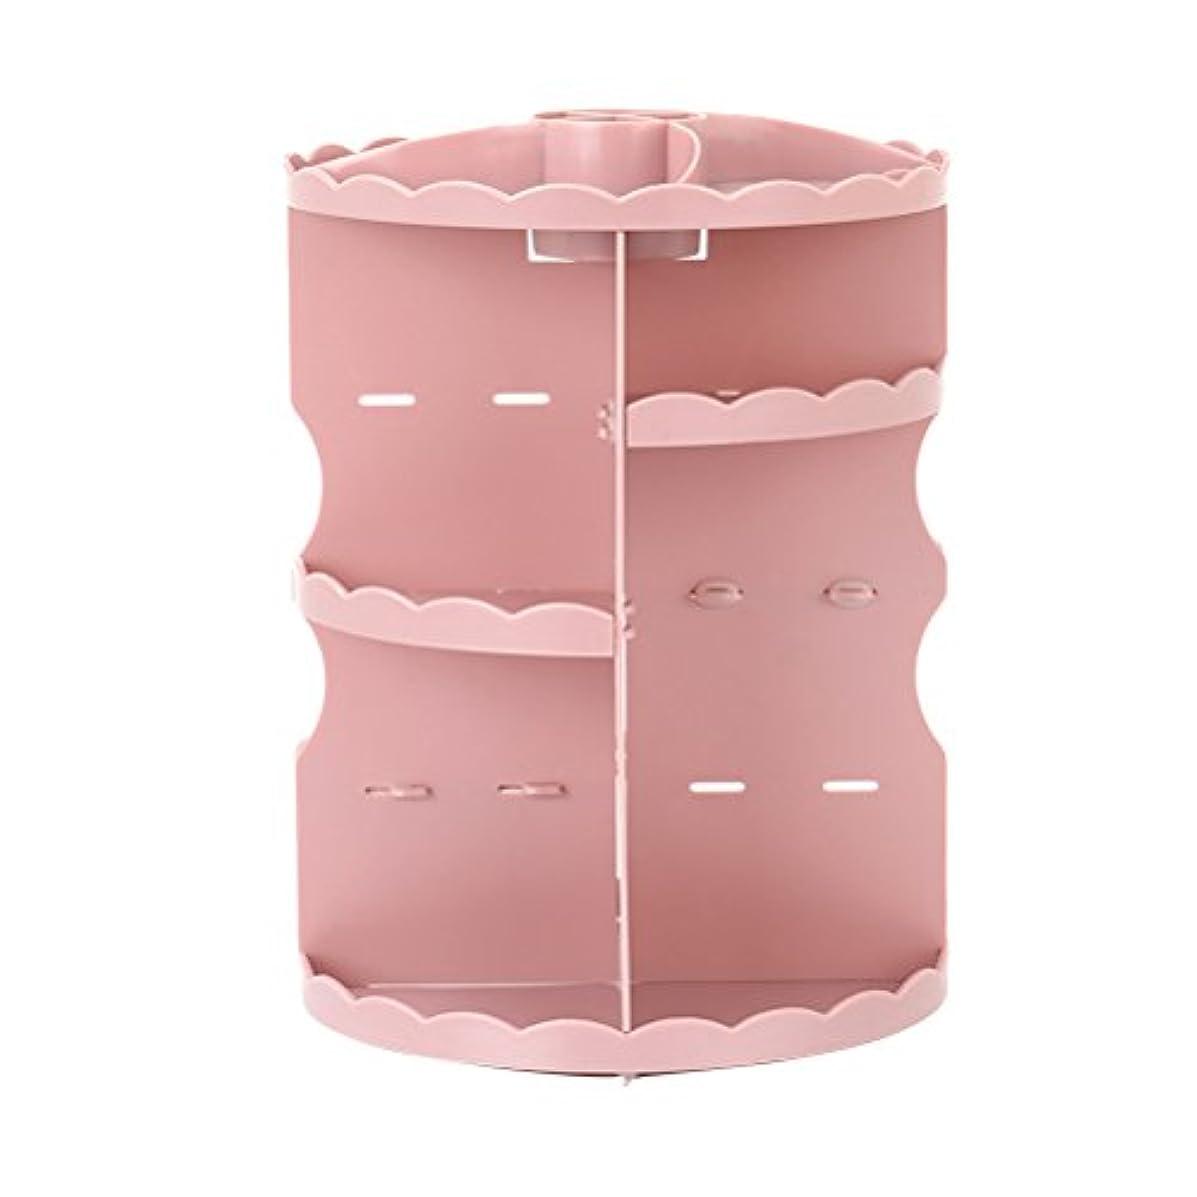 ミルク西部おもしろいOUNONA 化粧品棚 メイクボックス コスメ収納 化粧収納 化粧入れ 360度回転式 大容量 卓上 浴室 台所 収納棚 回転化粧ラック(ピンク)